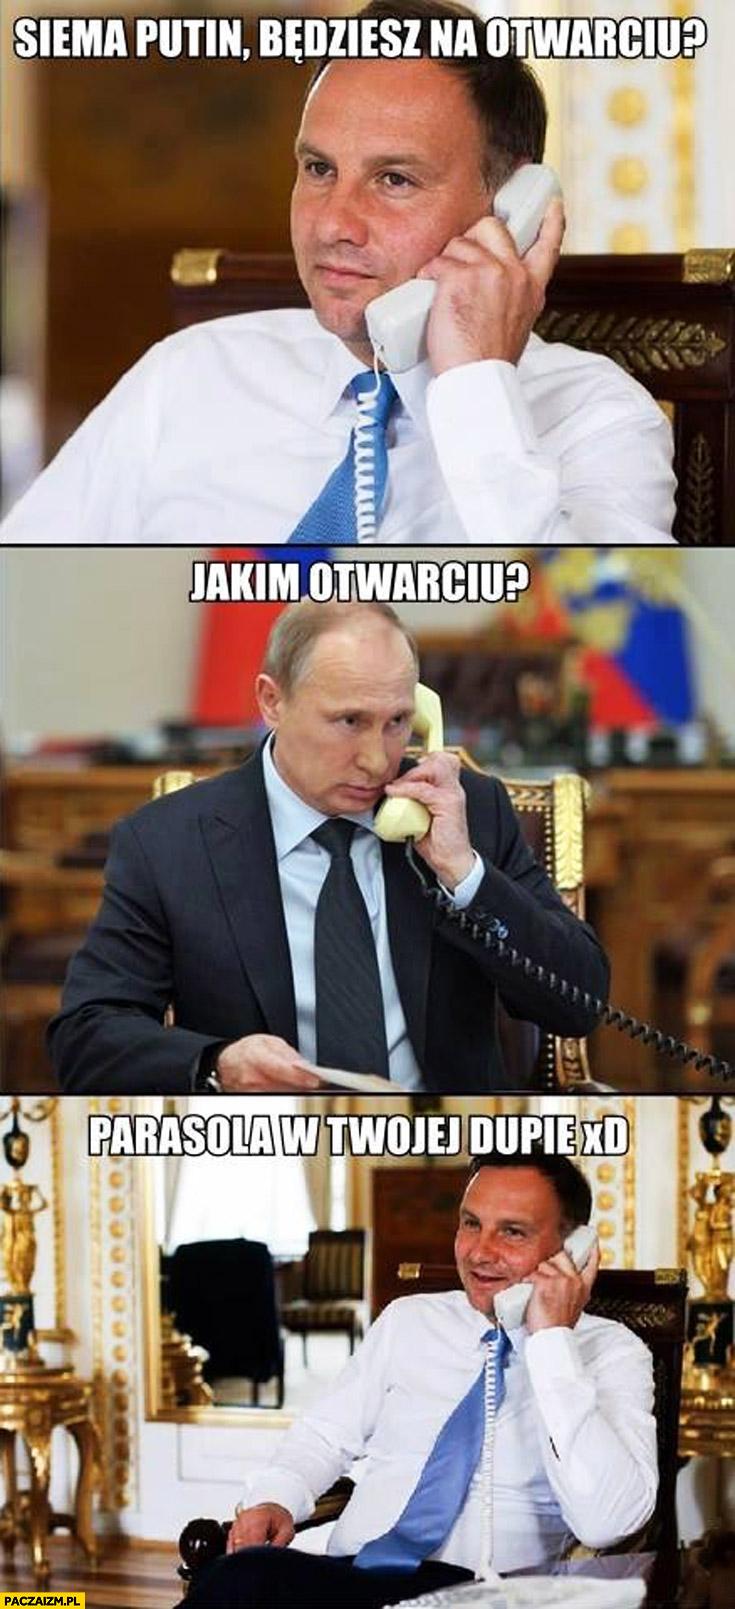 Siema Putin będziesz na otwarciu? Jakim otwarciu? Parasola w Twojej Duda